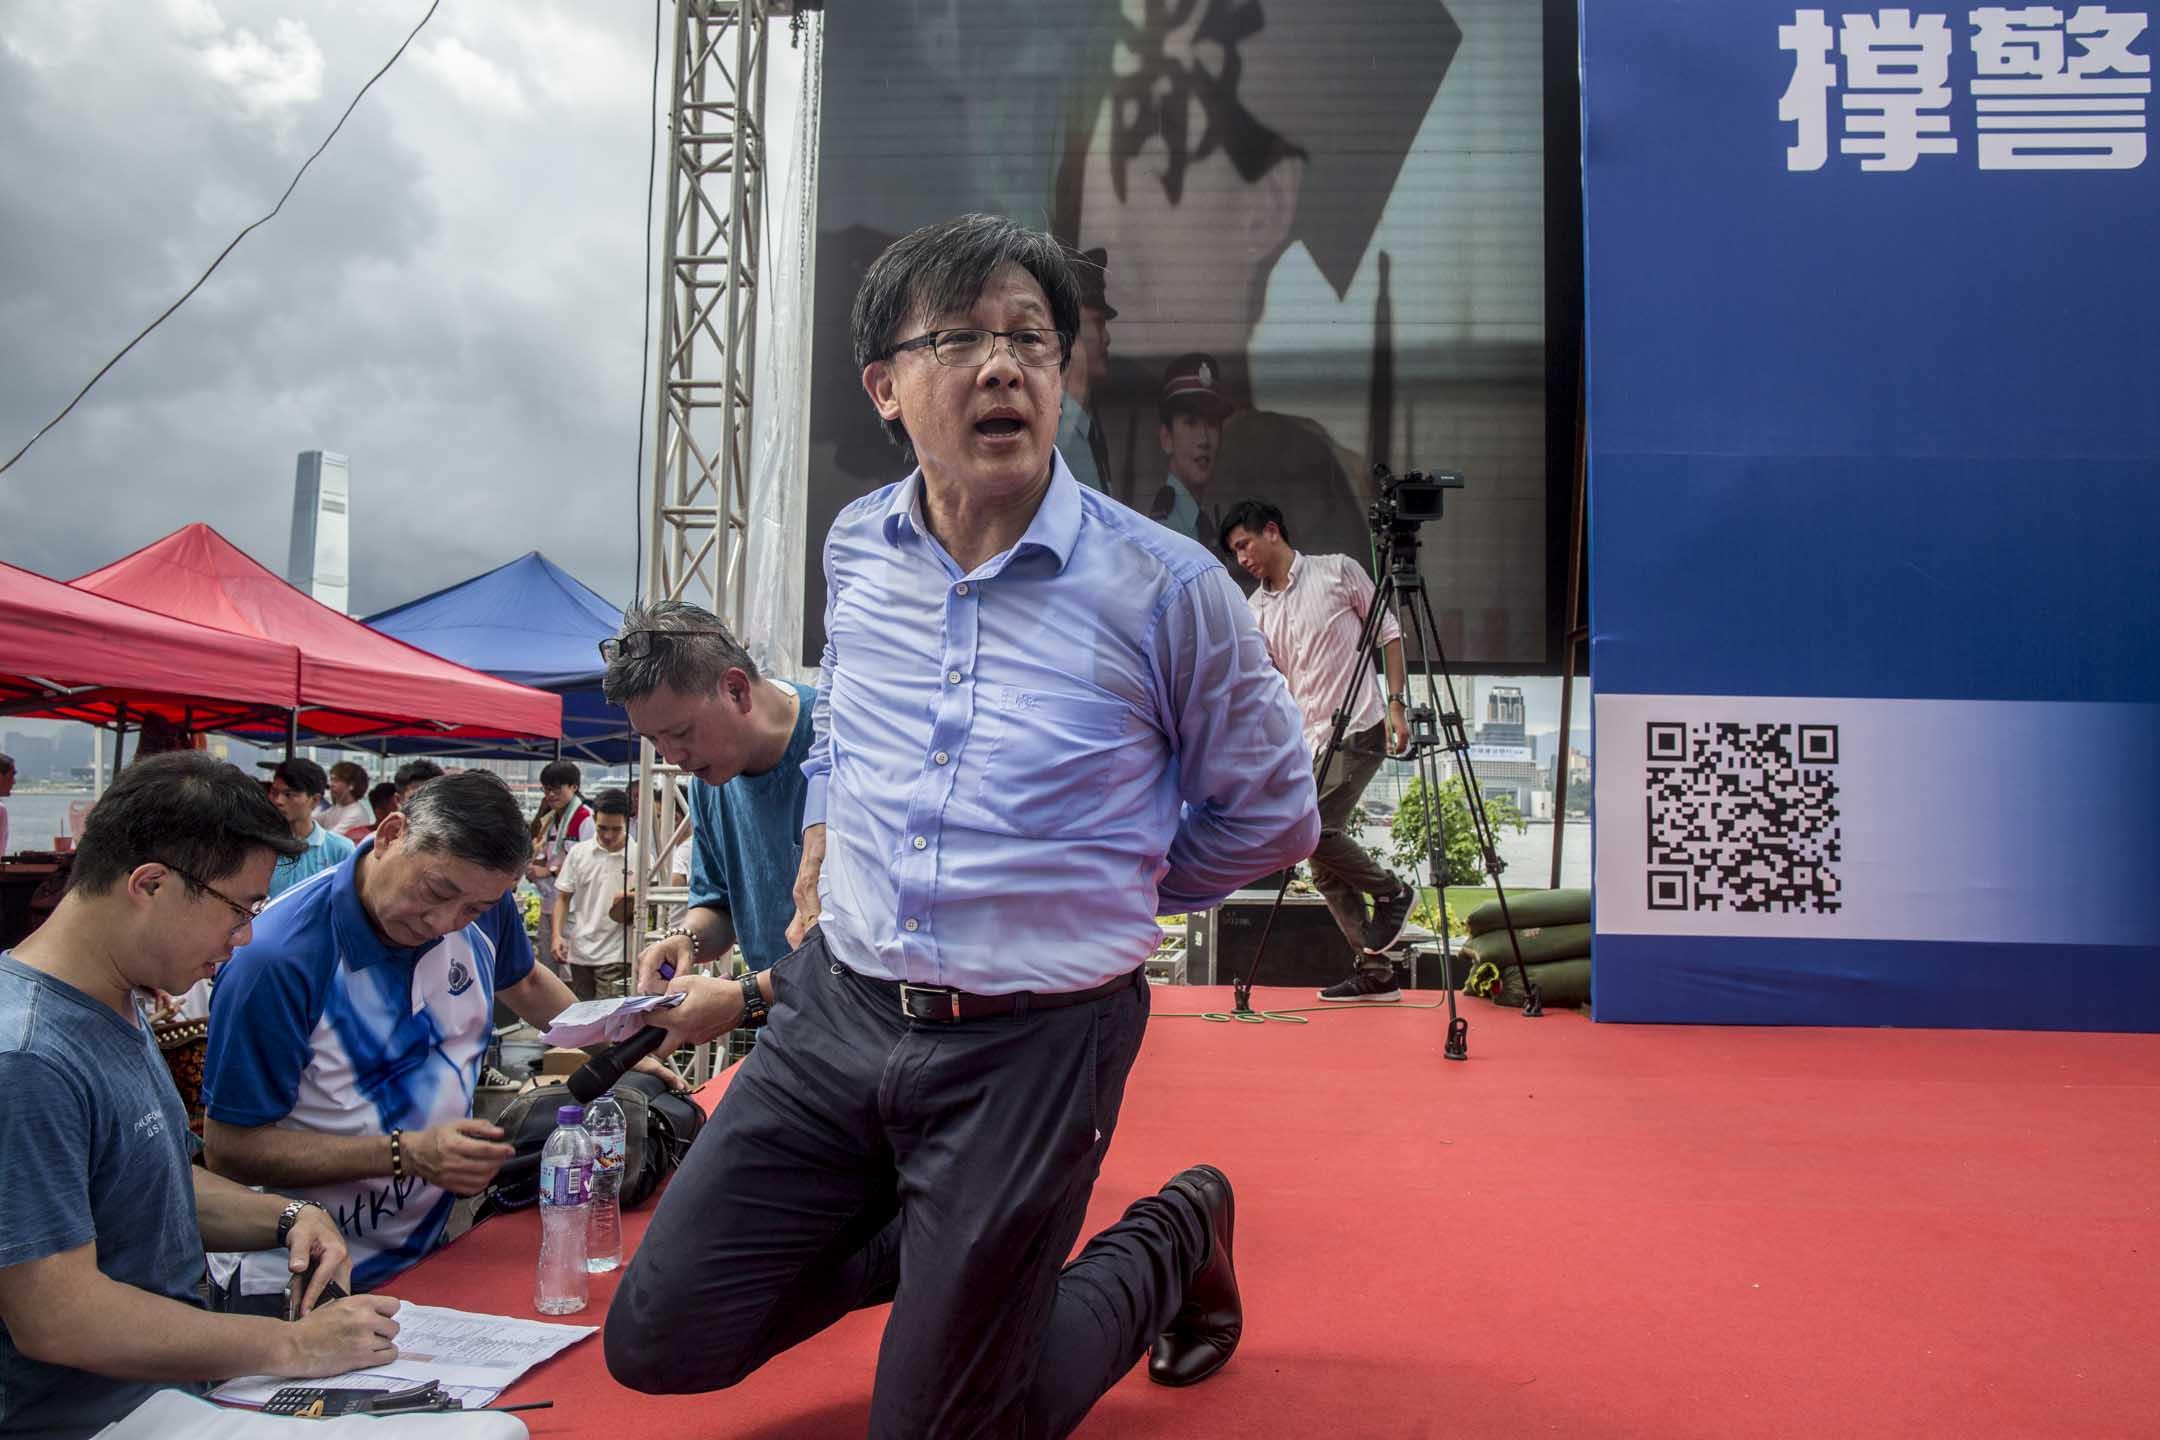 2019年6月30日,何君堯在金鐘添馬公園發起撐警集會。 攝:林振東/端傳媒